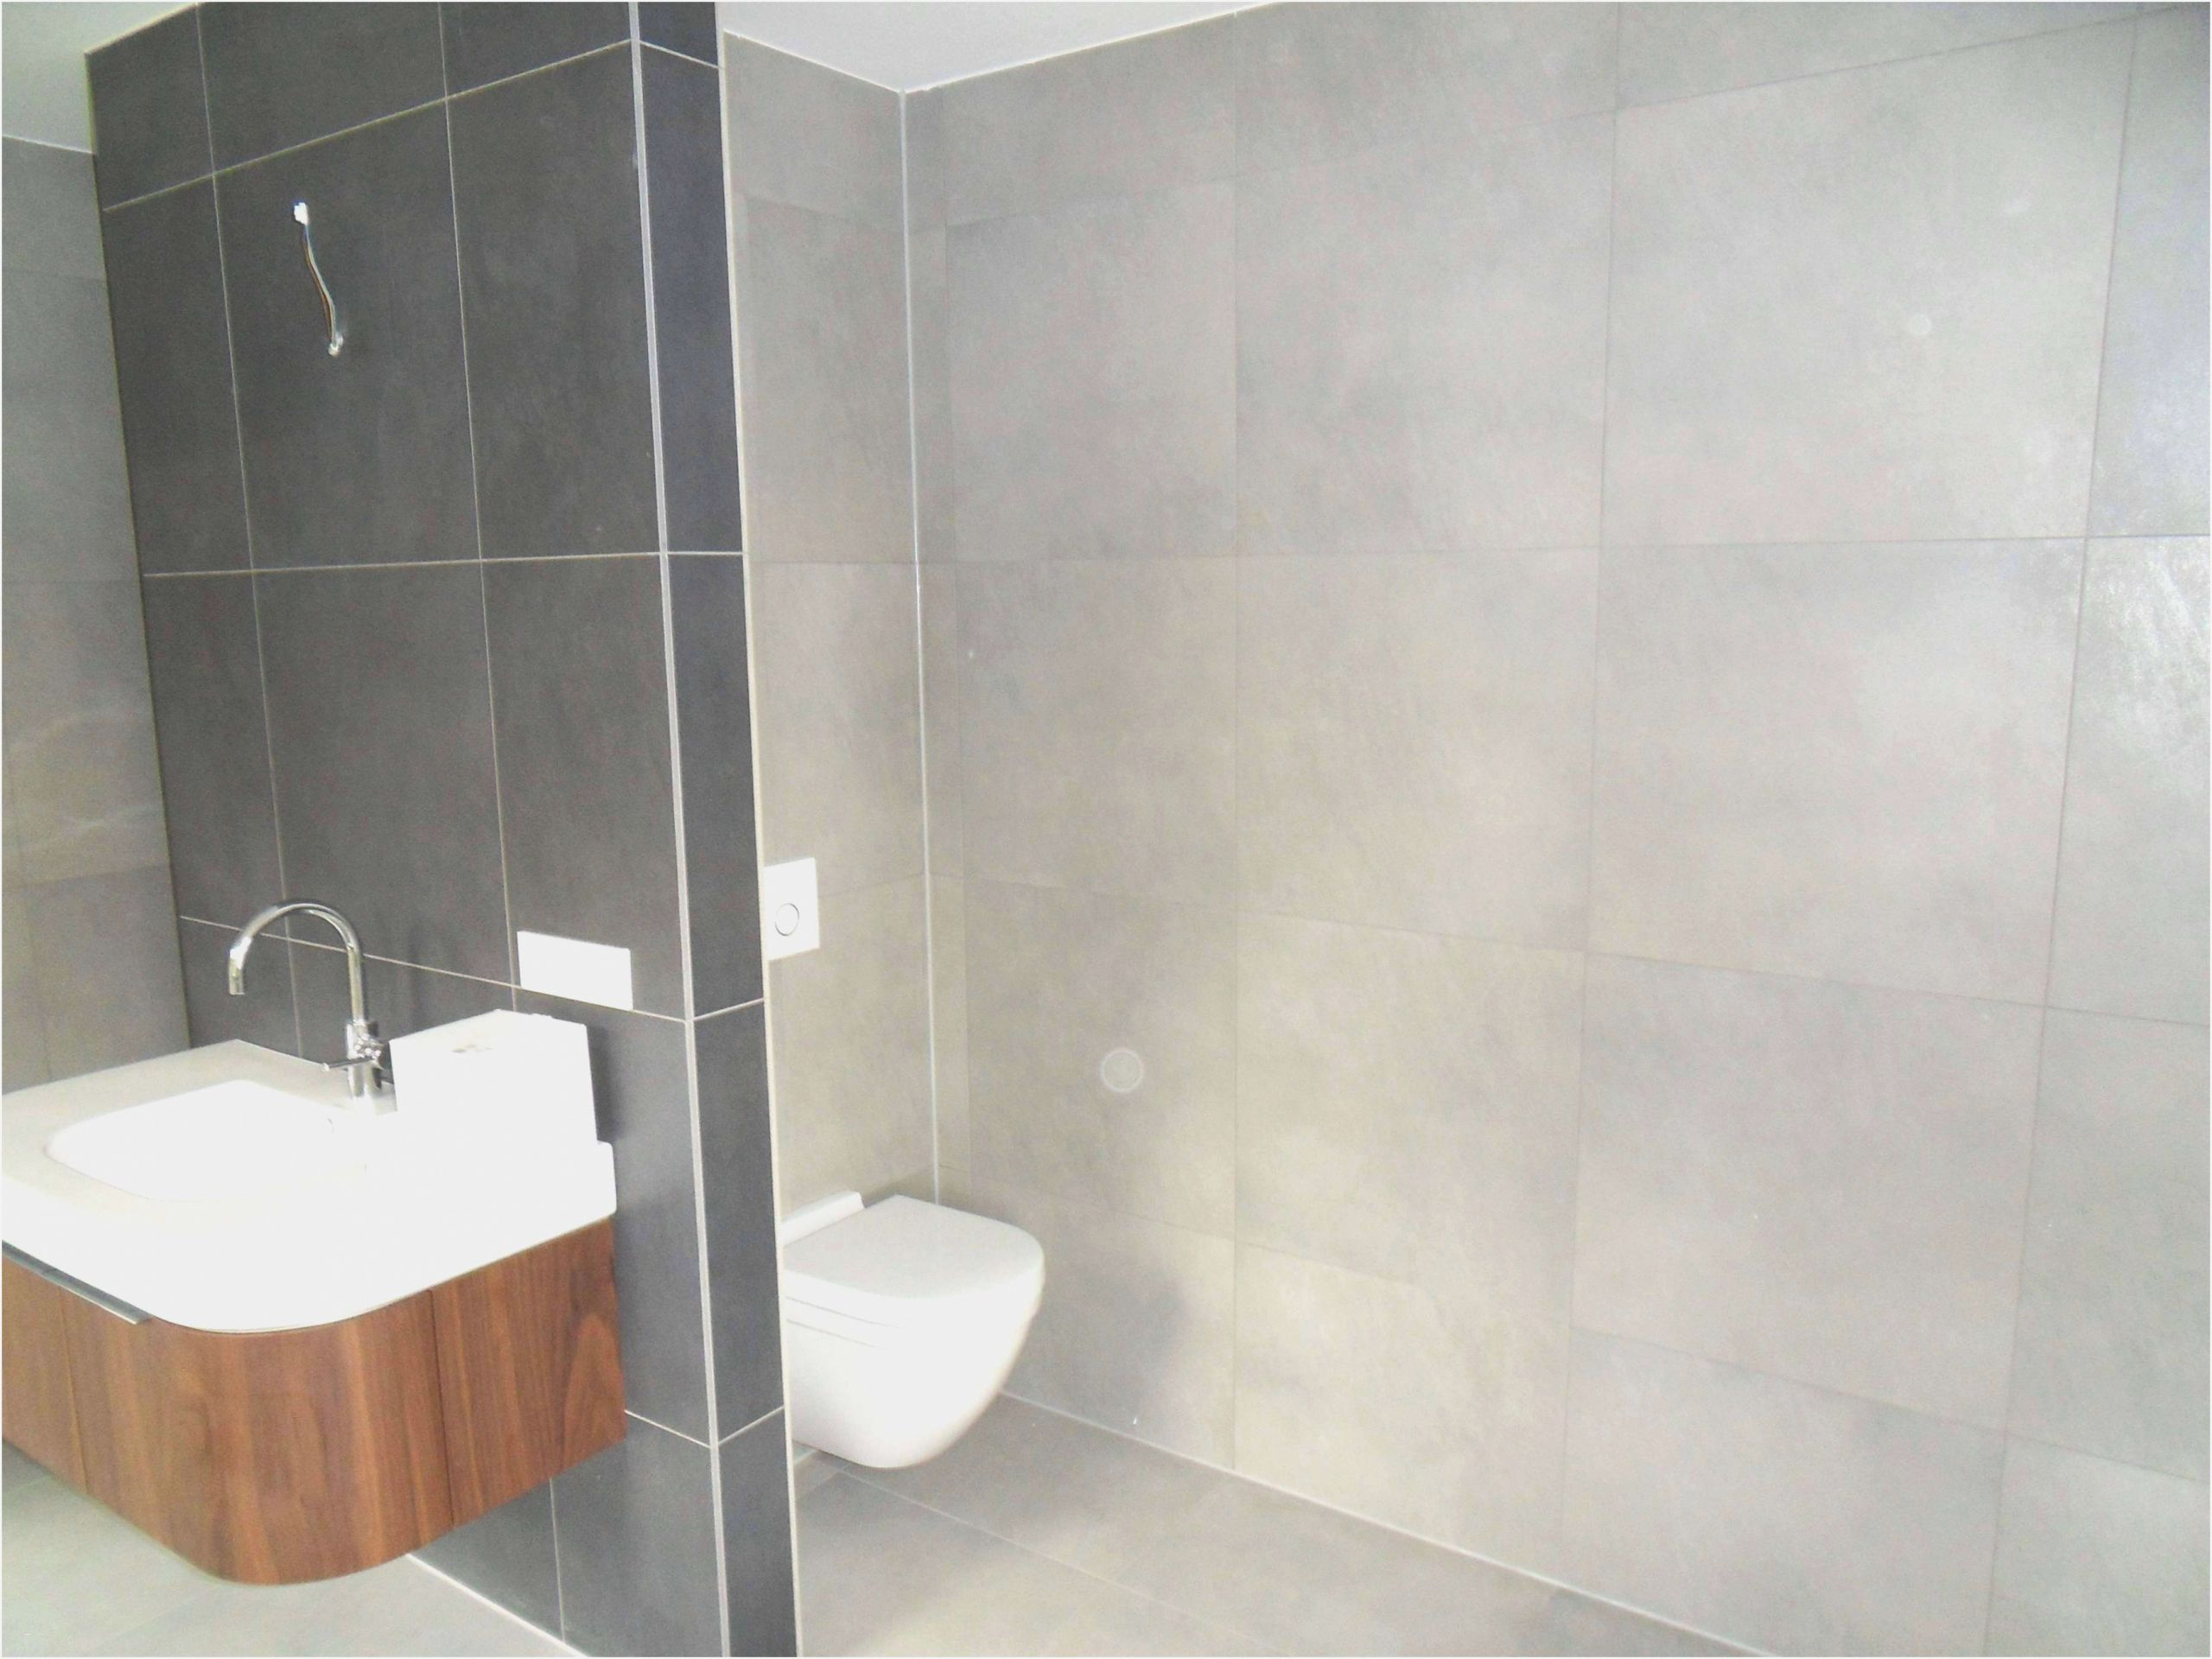 Full Size of Badezimmer Mit Ebenerdiger Dusche Erfahrungen Spritzwasser Ebenerdig Begehbare Ohne Tür Wand Fliesen Für Kaufen Mischbatterie 90x90 Bodengleich Bodengleiche Dusche Dusche Ebenerdig